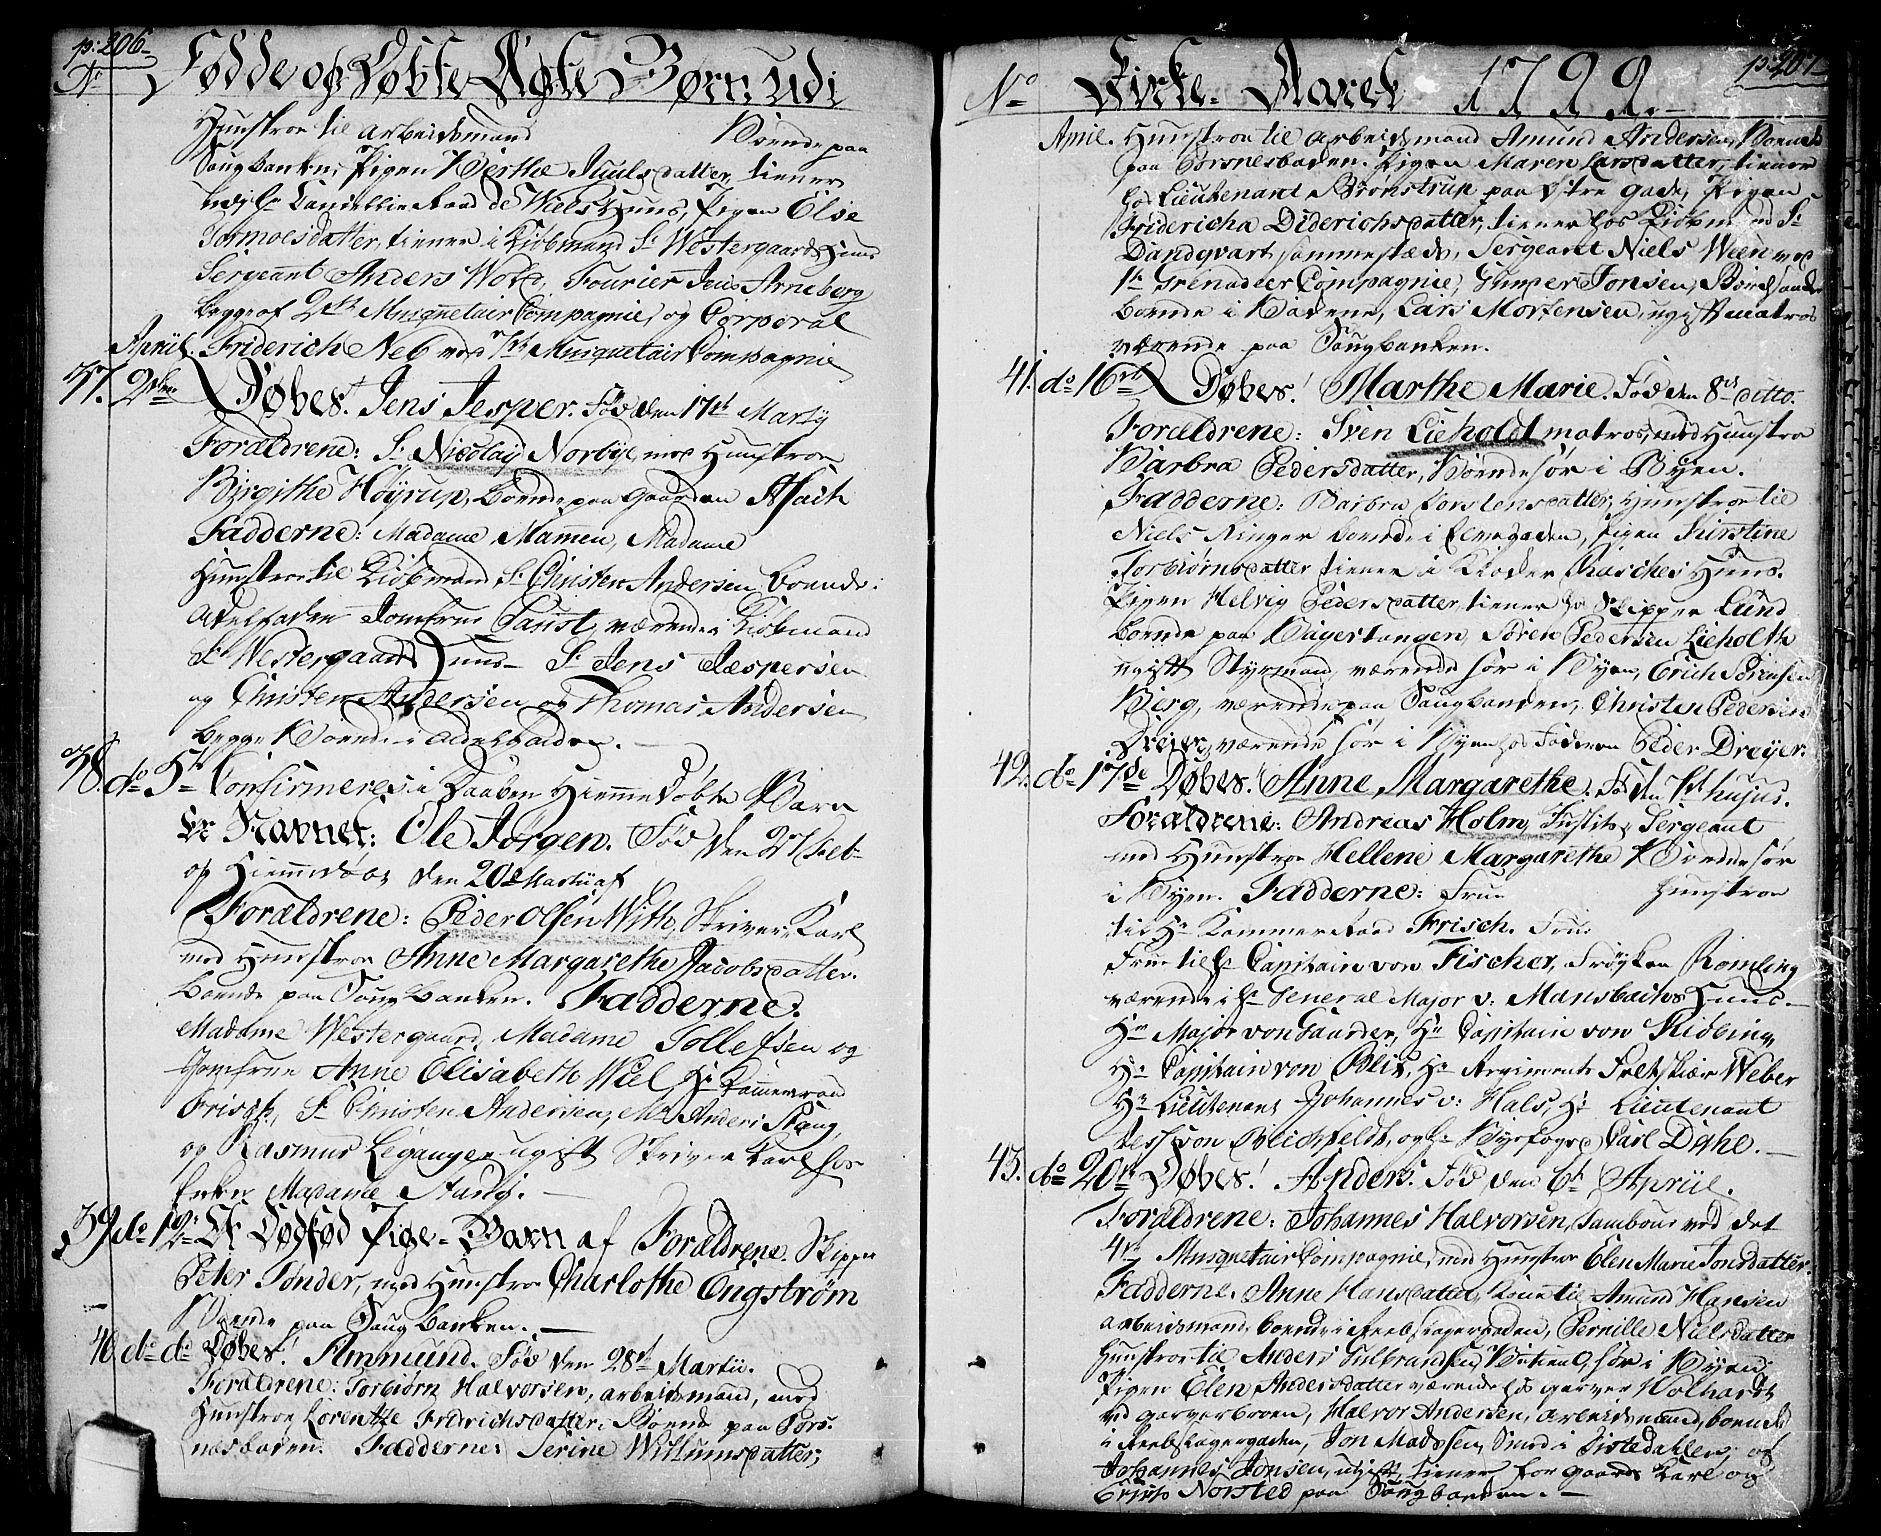 SAO, Halden prestekontor Kirkebøker, F/Fa/L0002: Ministerialbok nr. I 2, 1792-1812, s. 206-207